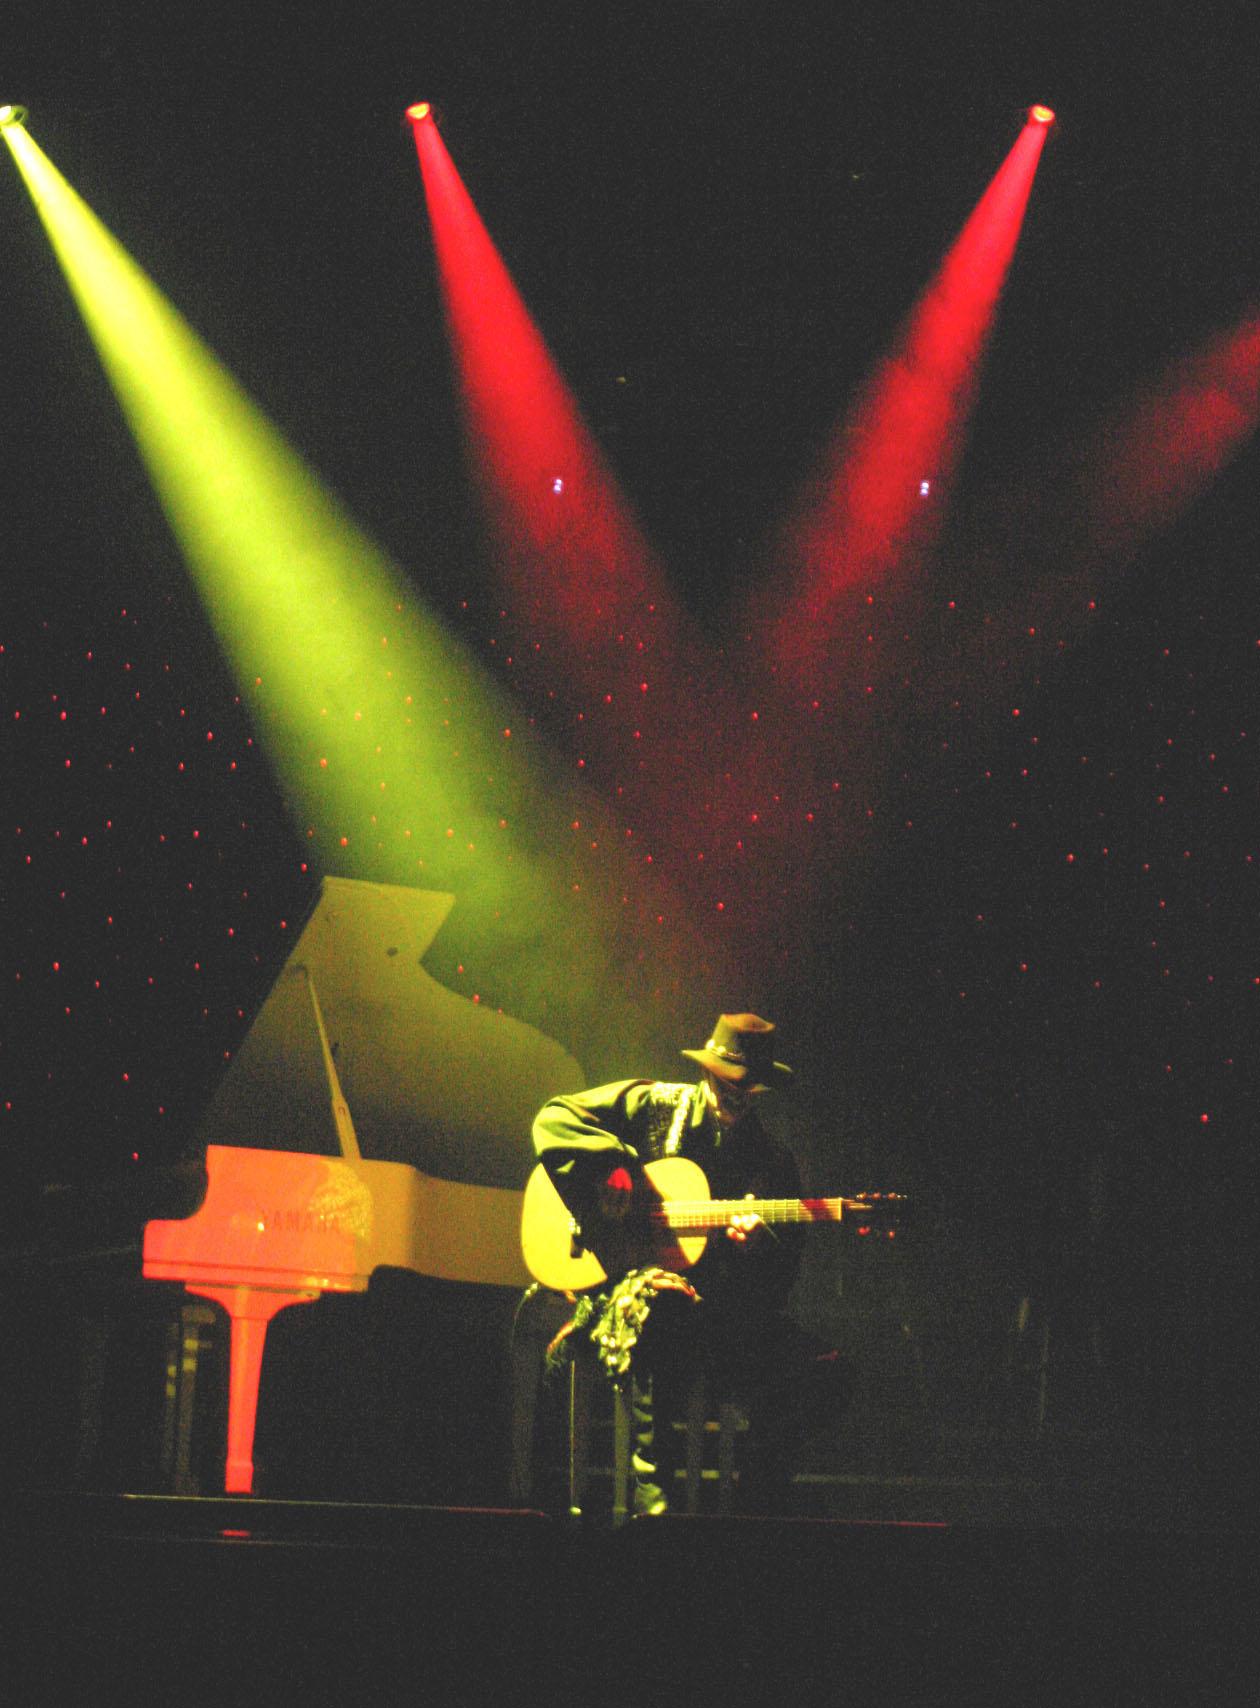 gitarlights.jpg